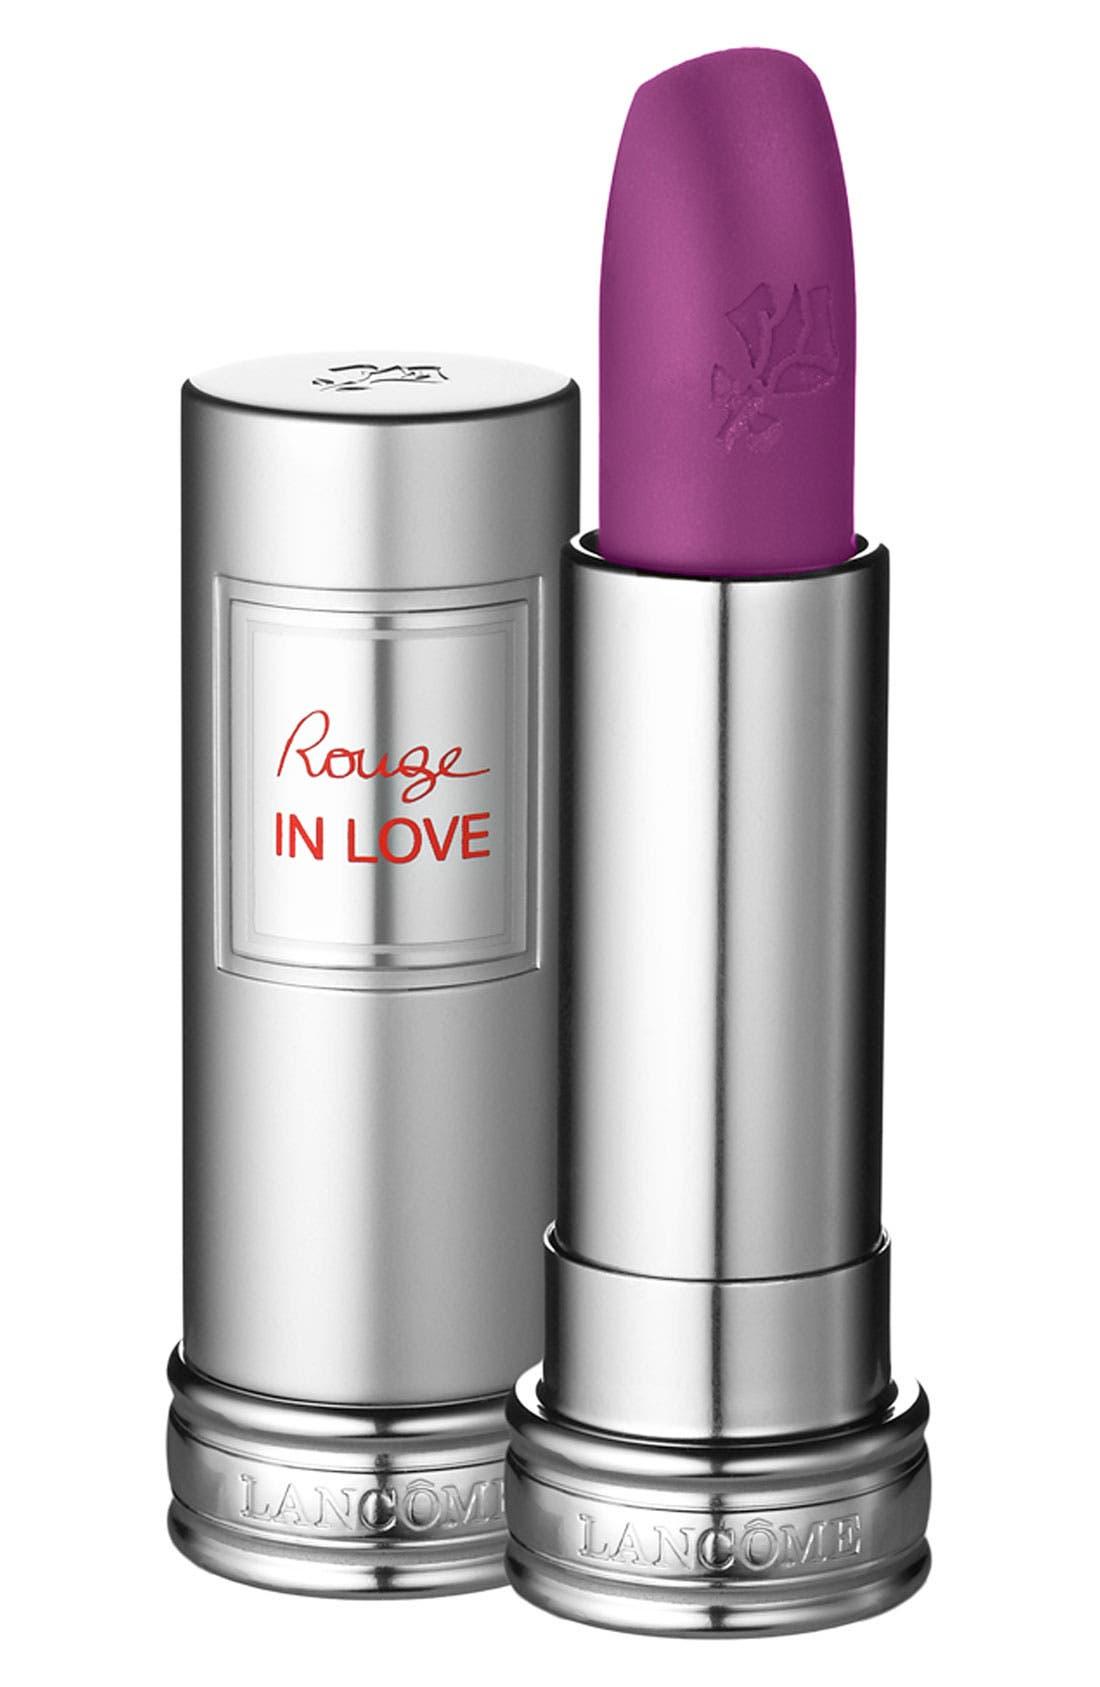 Rouge in Love Lipstick,                         Main,                         color, VIOLETTE COQUETTE